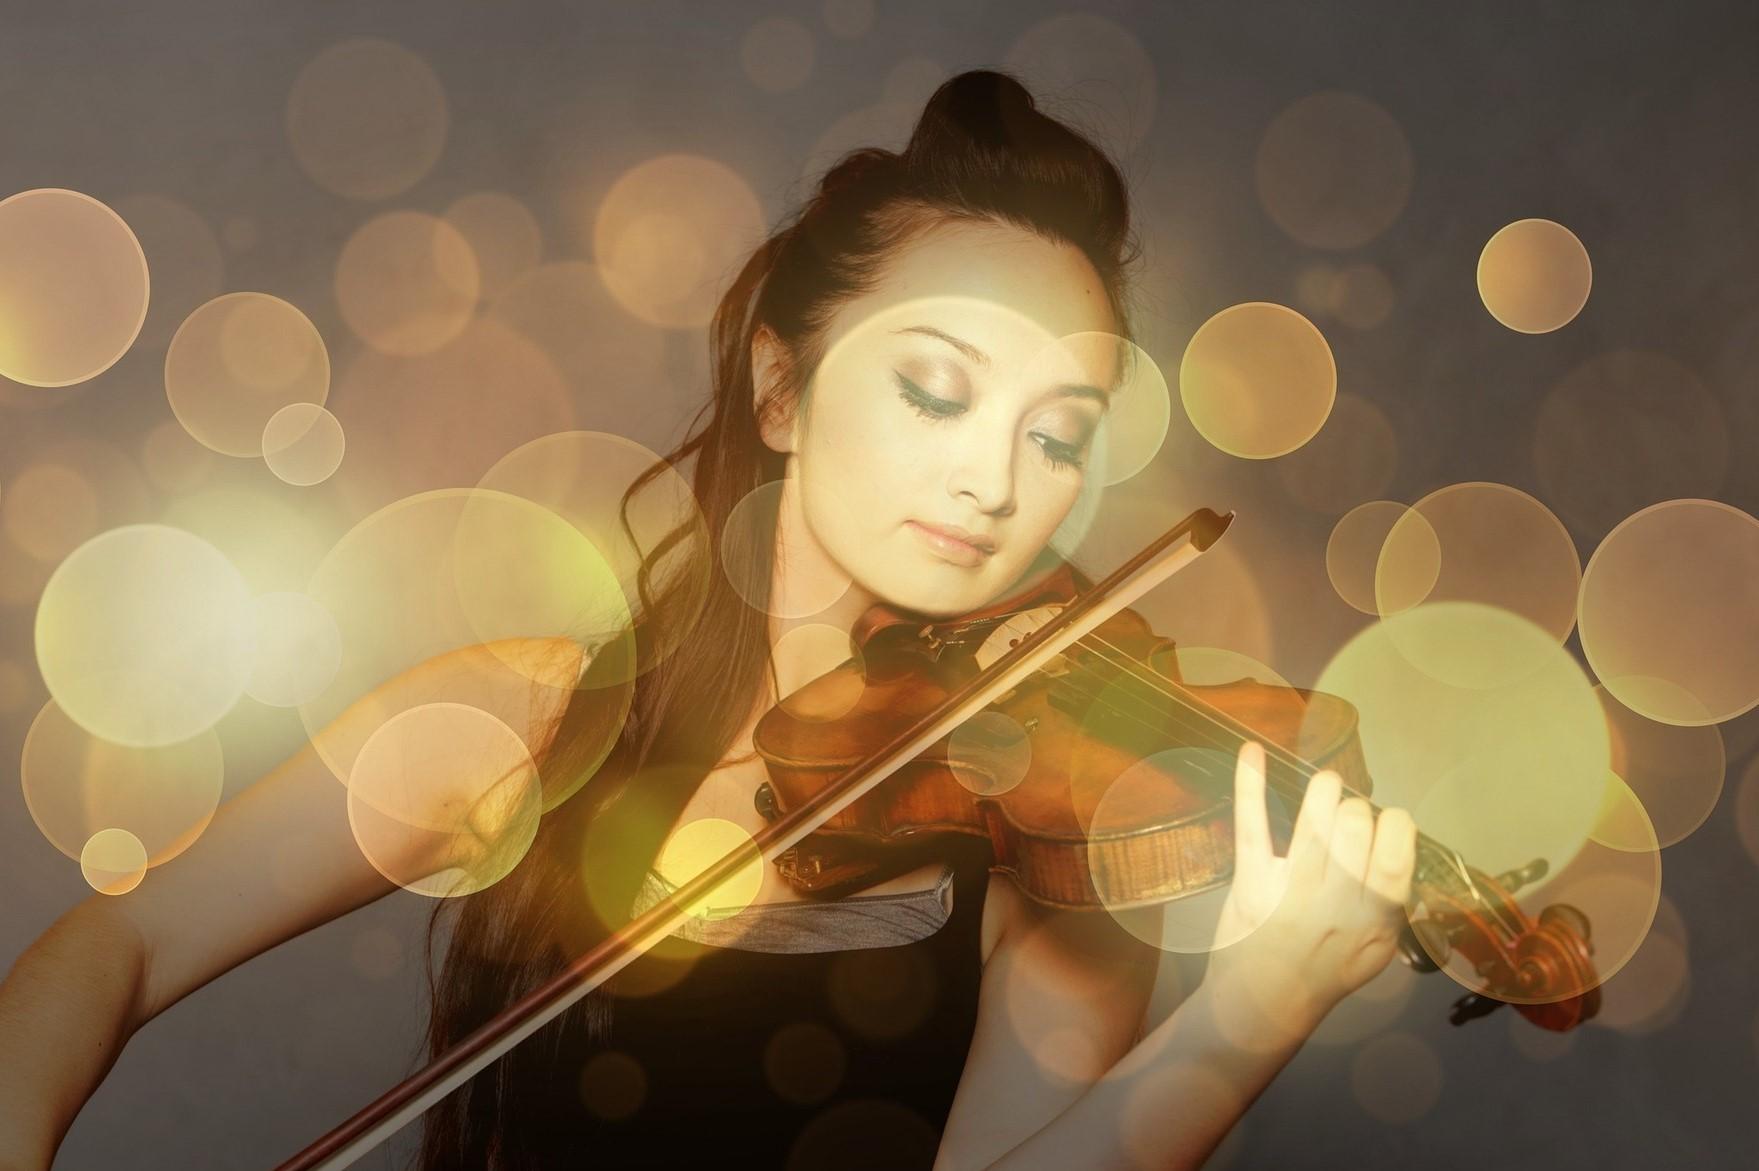 violin3-1906127_1920